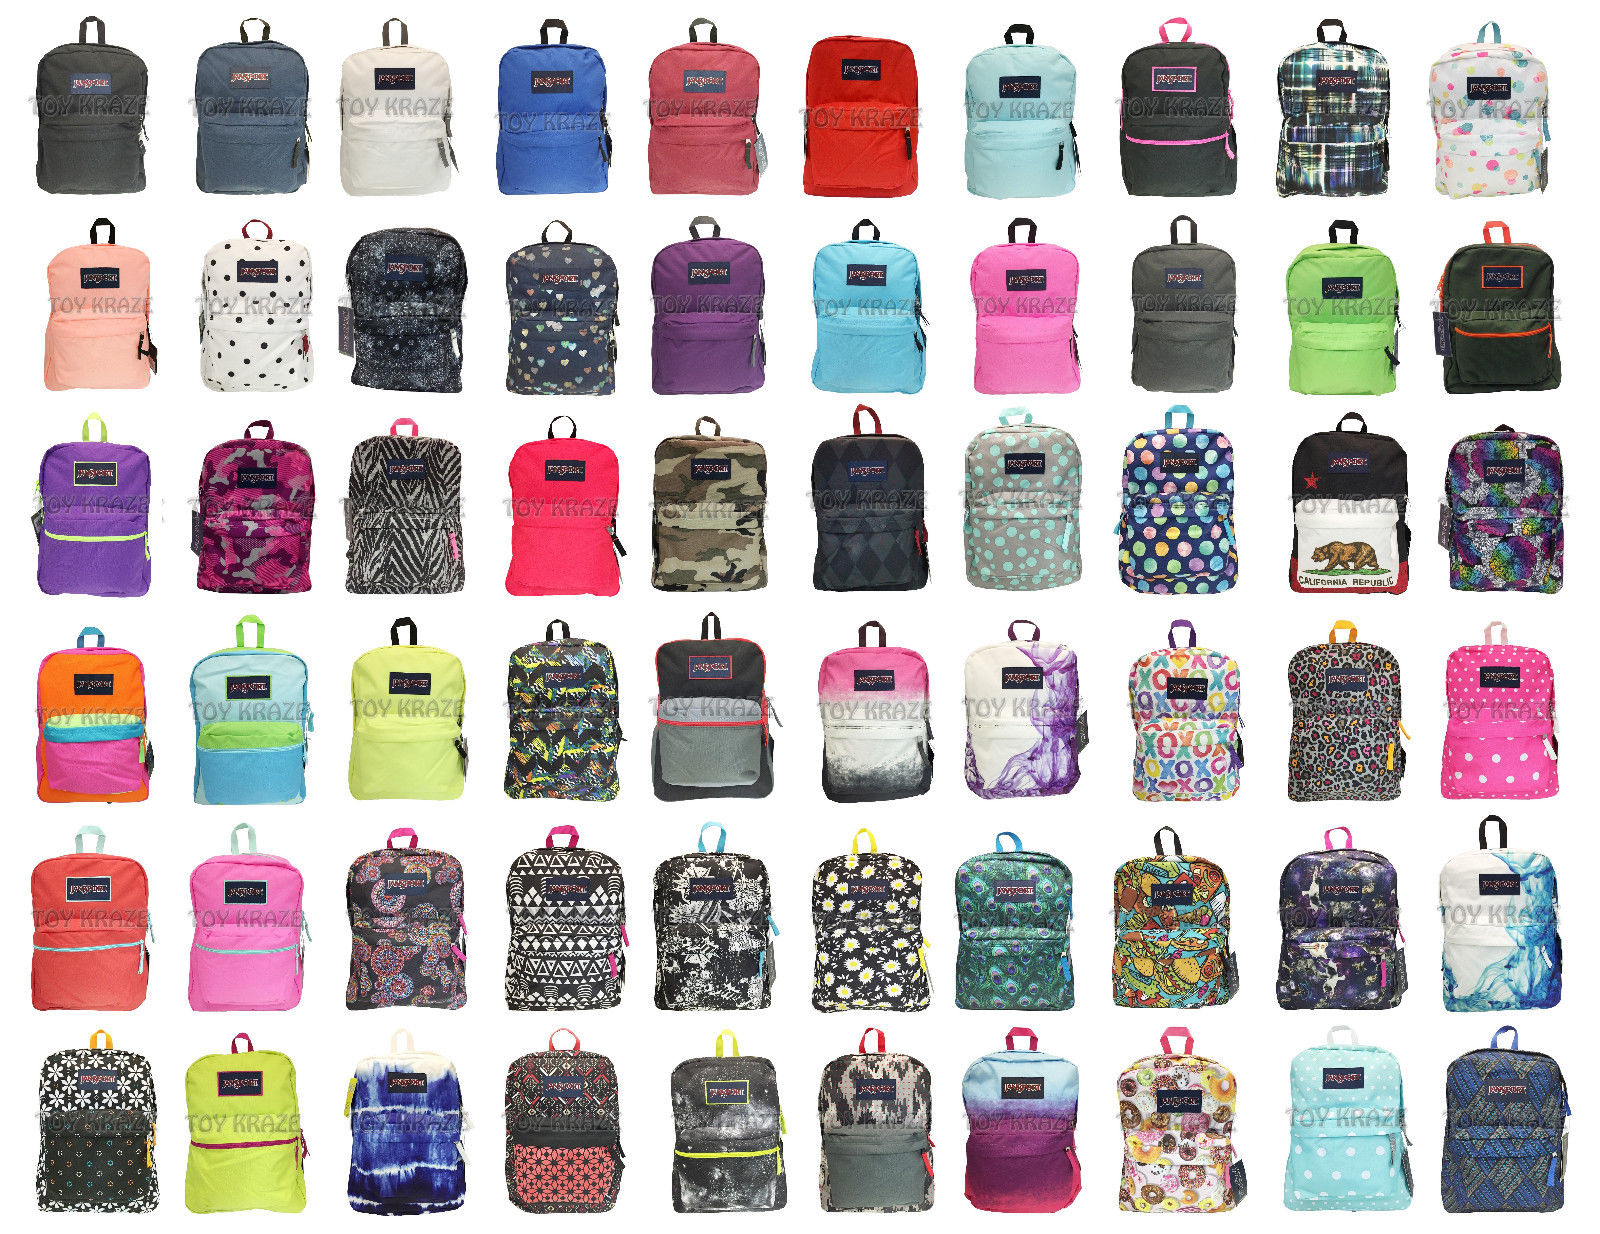 מיוחדים תיק בית ספר | קידוס – מוצרים מ-eBay לכל המשפחה NF-03